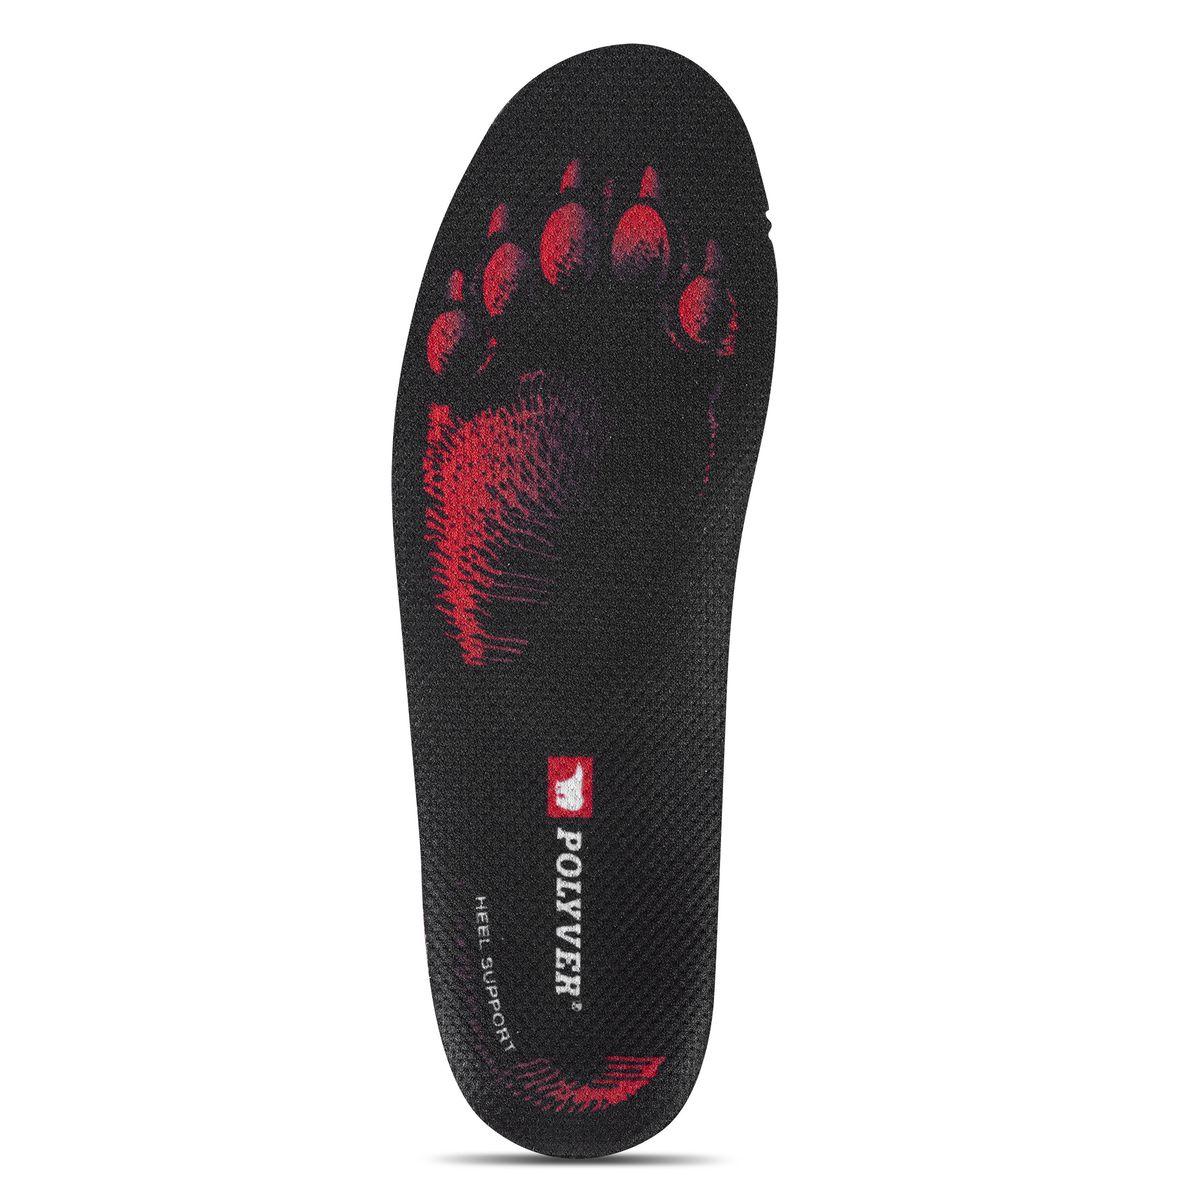 Стельки мужские POLYVER PREMIUM, цвет: красно-черный. Размер: 42-43AM-INSO-4Термоизоляционные стельки Polyver отлично защищают ноги от холода при этом отводя лишнюю влагу. Стельки состоят из трех слоев: впитывающий влагу, амортизационный, термоизоляционный. Комфорт: - анатомическая форма с поддержкой пятки - стабилизация стопы для уменьшения боли с суставах - повышает устойчивость и уменьшает усталость - производятся только в Швеции